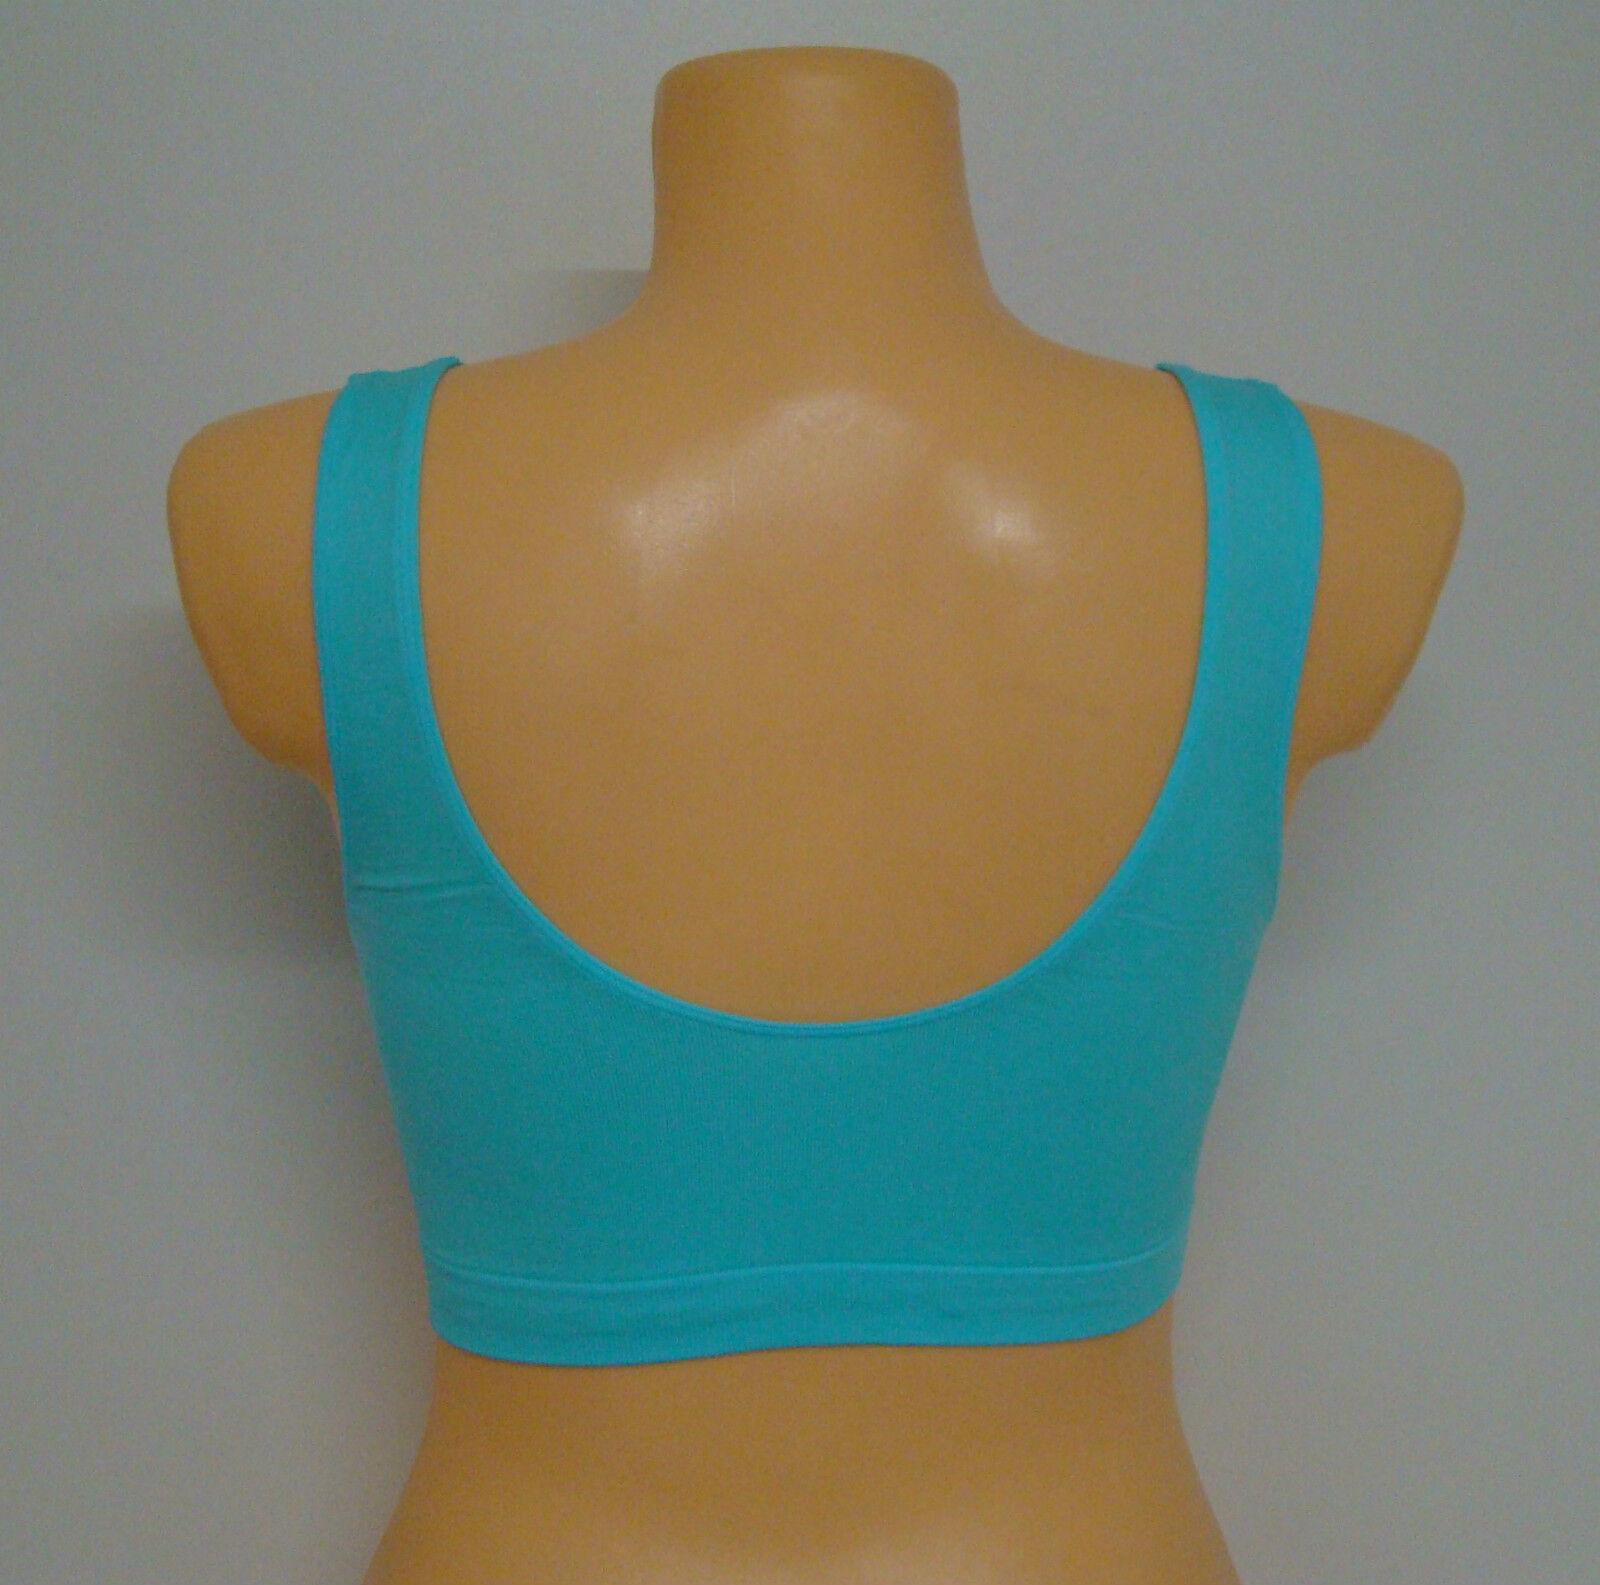 Mikrofaser-Bustier Fitness Yoga 6 Farben zur Auswahl Gr S / M /L 34 bis Größe 44